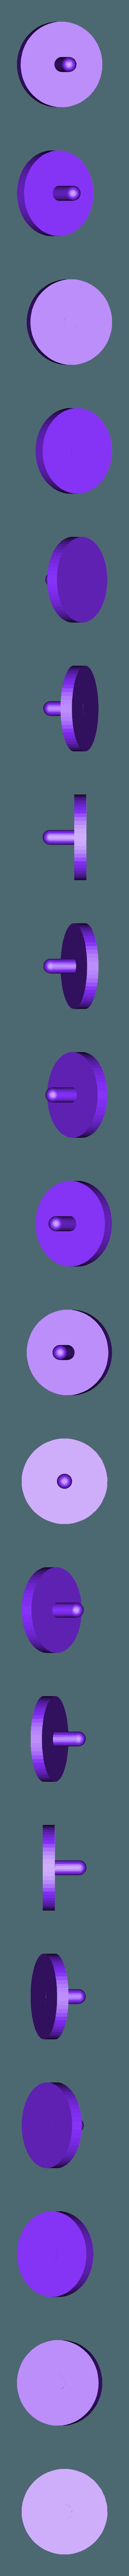 axe.stl Télécharger fichier STL gratuit porte bobine neva ou magis • Plan pour impression 3D, plok21